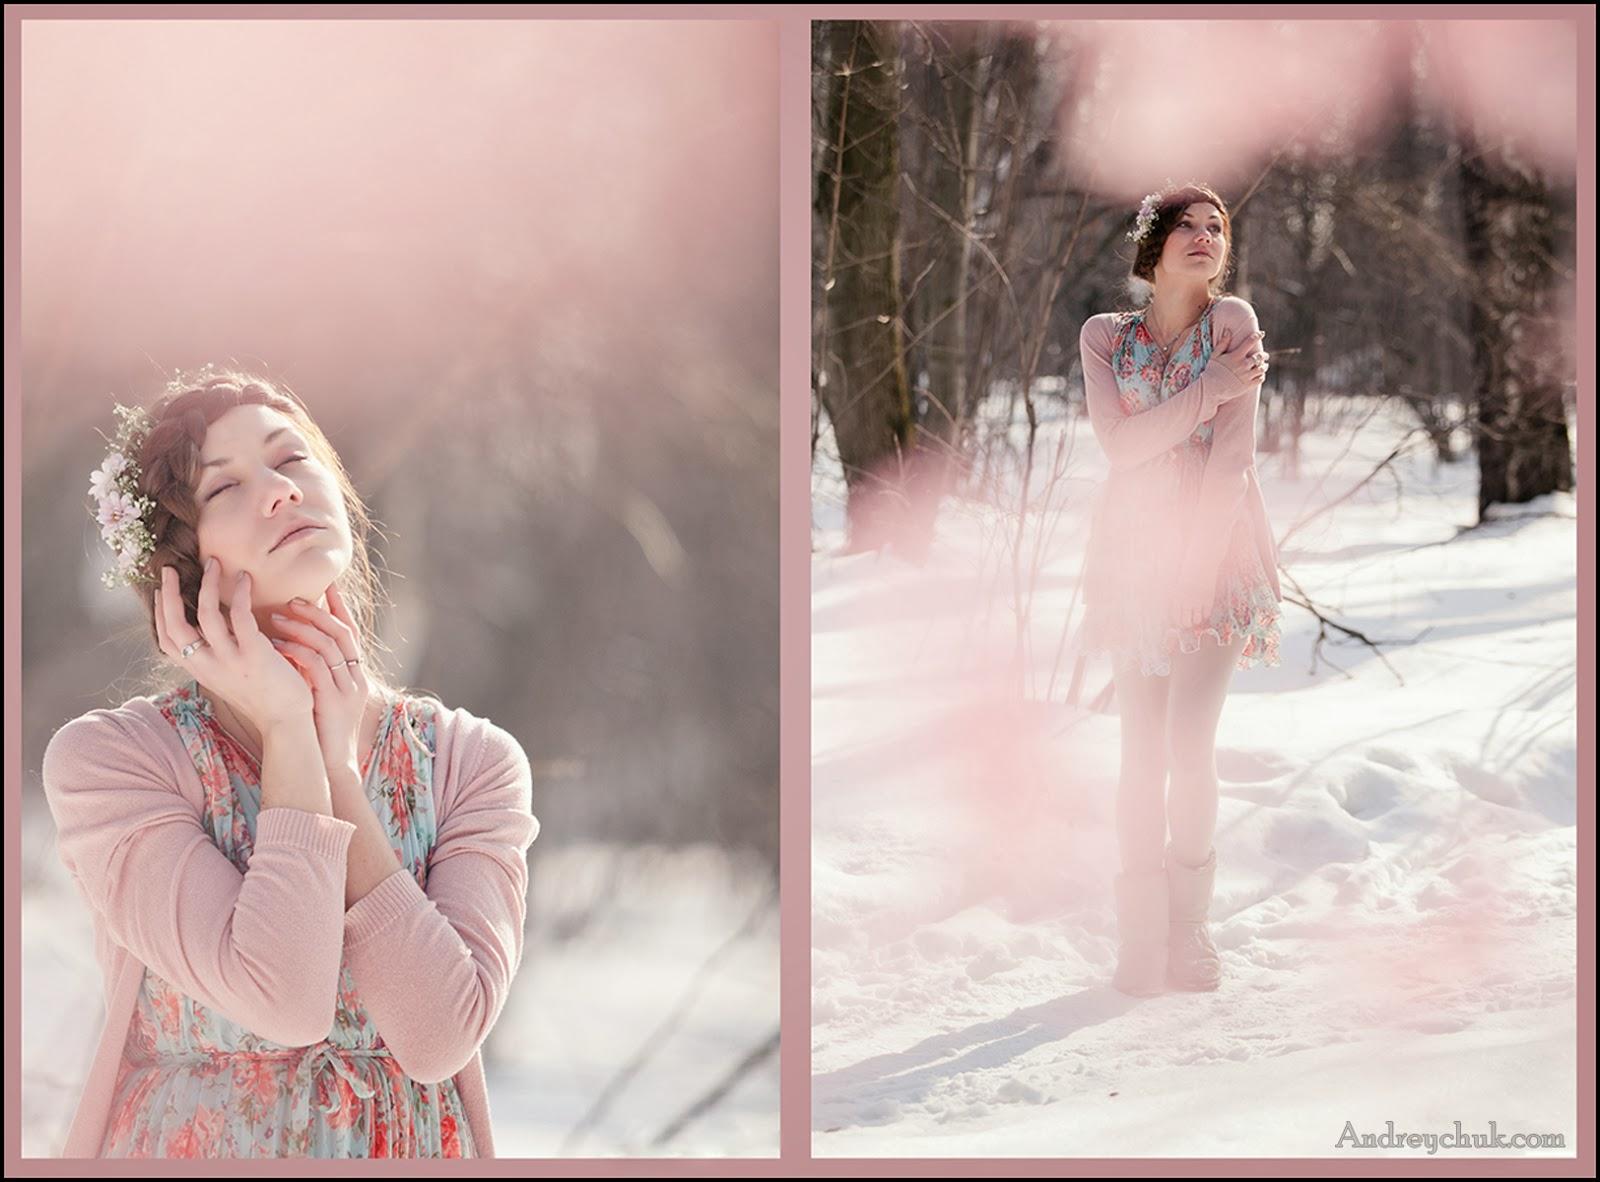 весеннее фото молодой девушки в лесу, лиричное настроение